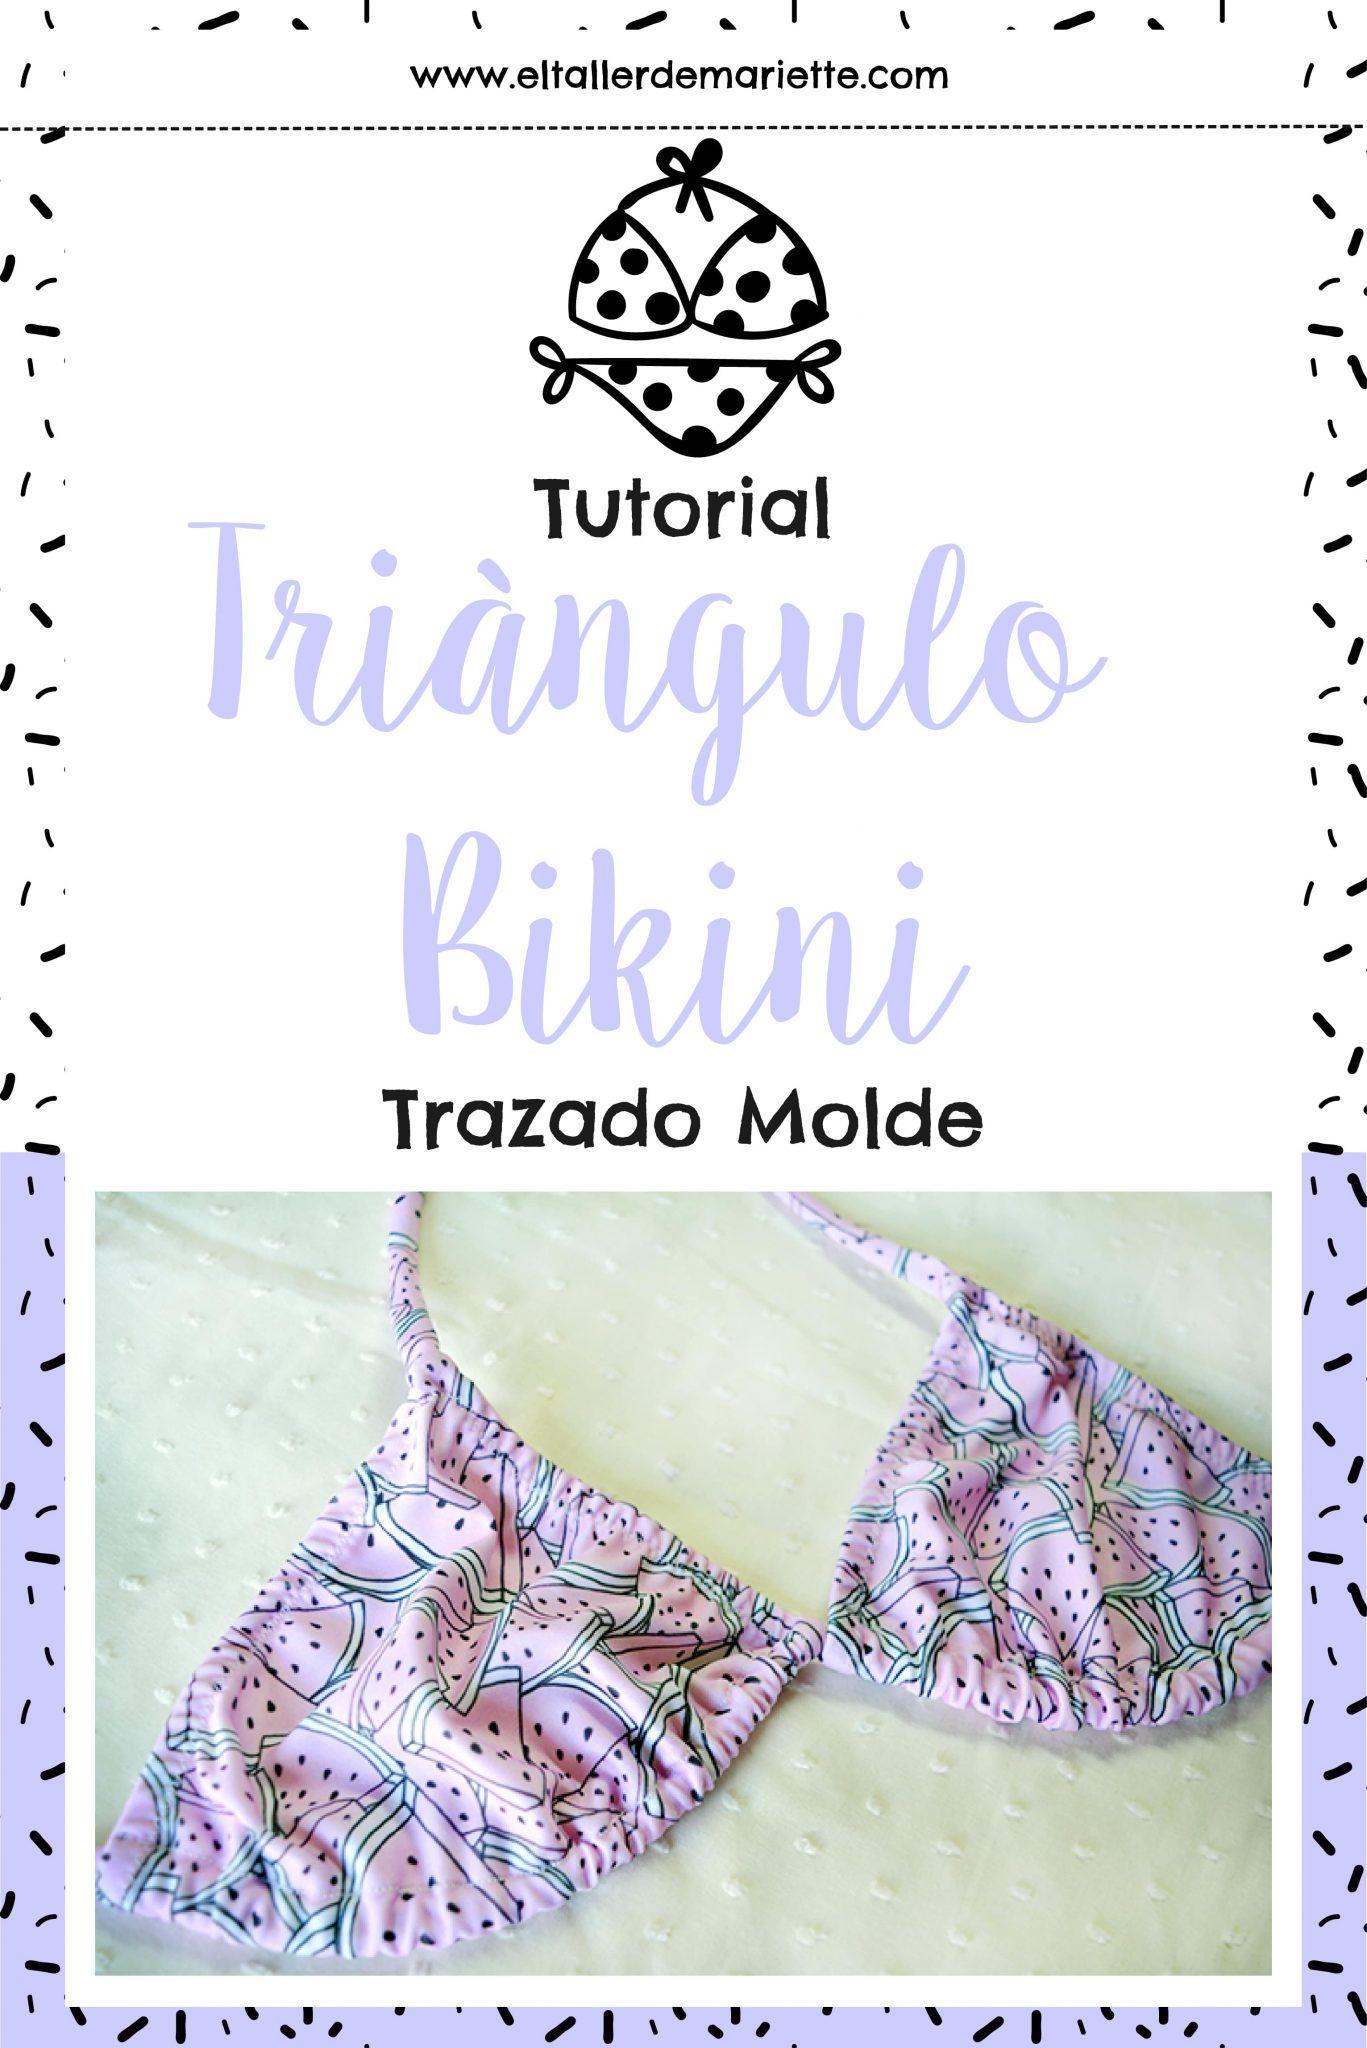 Triángulo Del El Molde Tutorialcómo Hacer BikiniBolsa kiuXPZOT